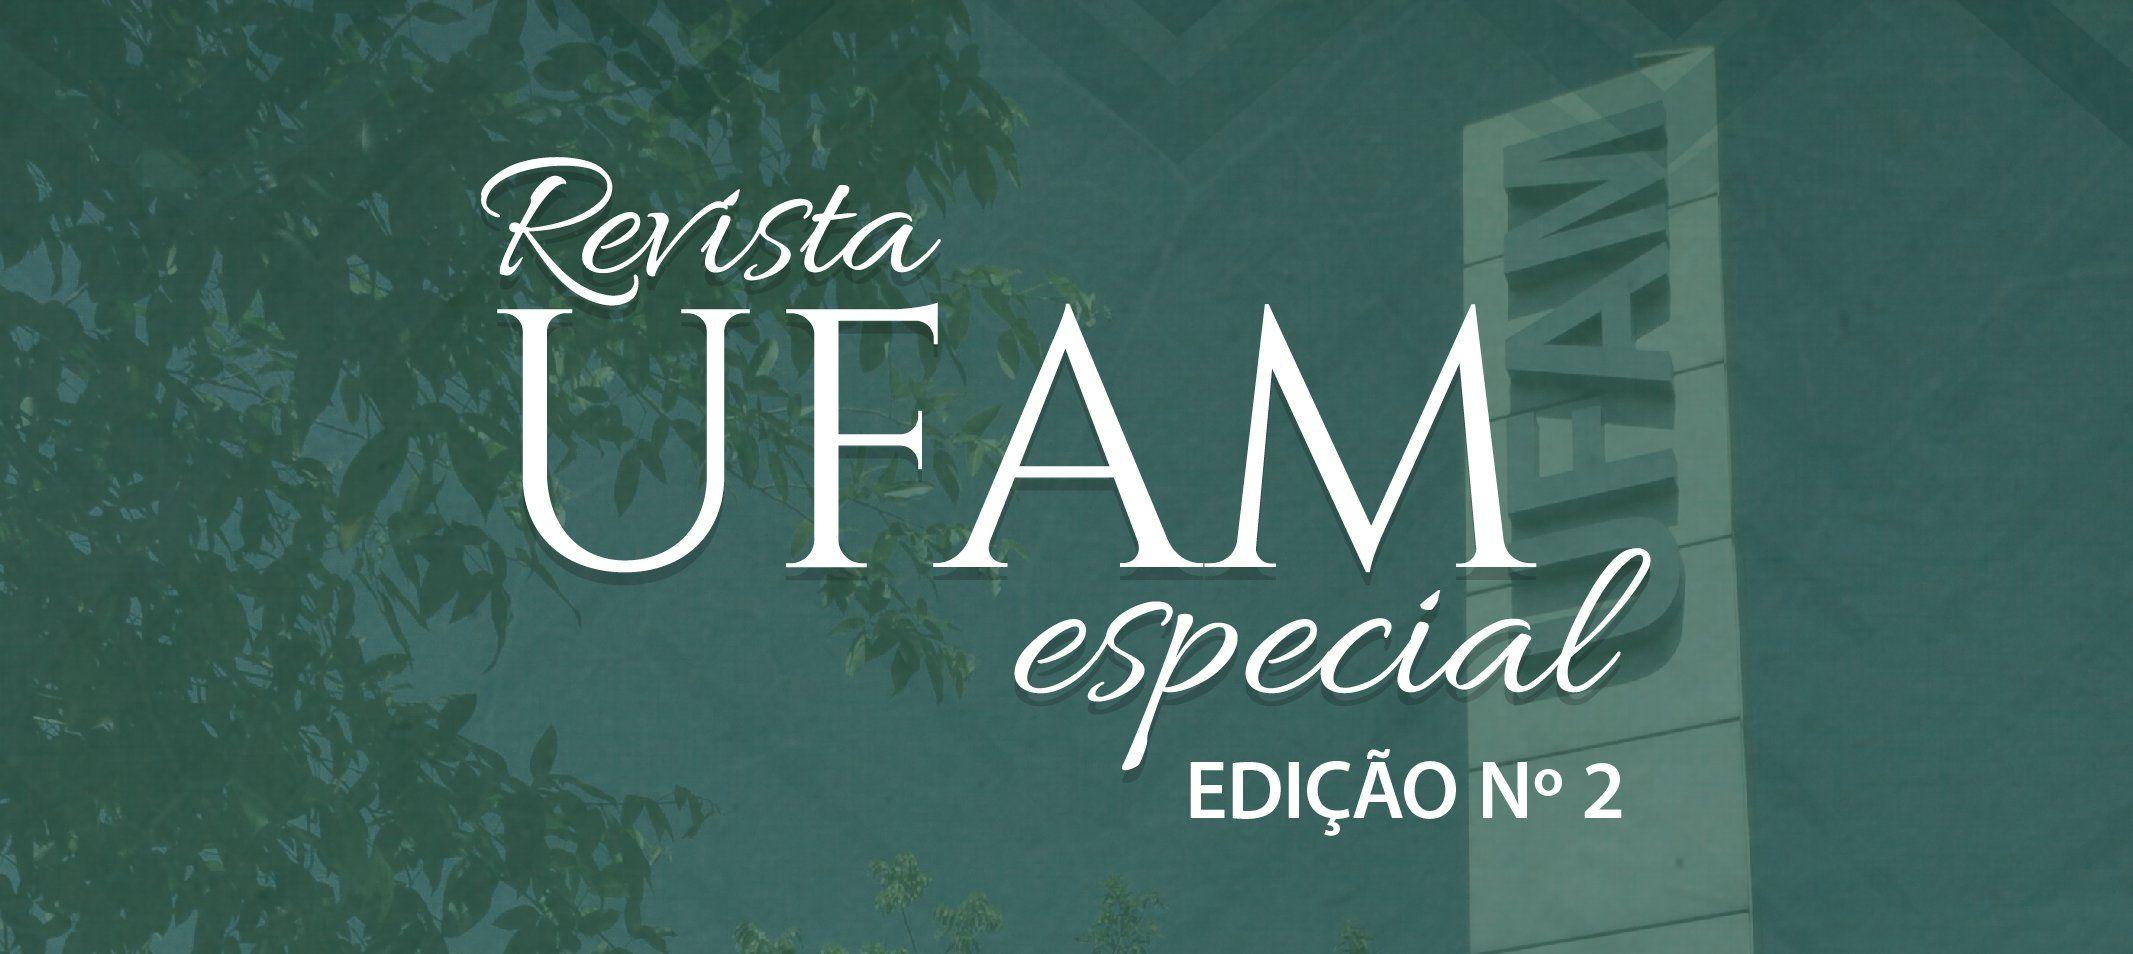 Ufam lança Revista Especial online – Cursos em Júbilo edição n.2